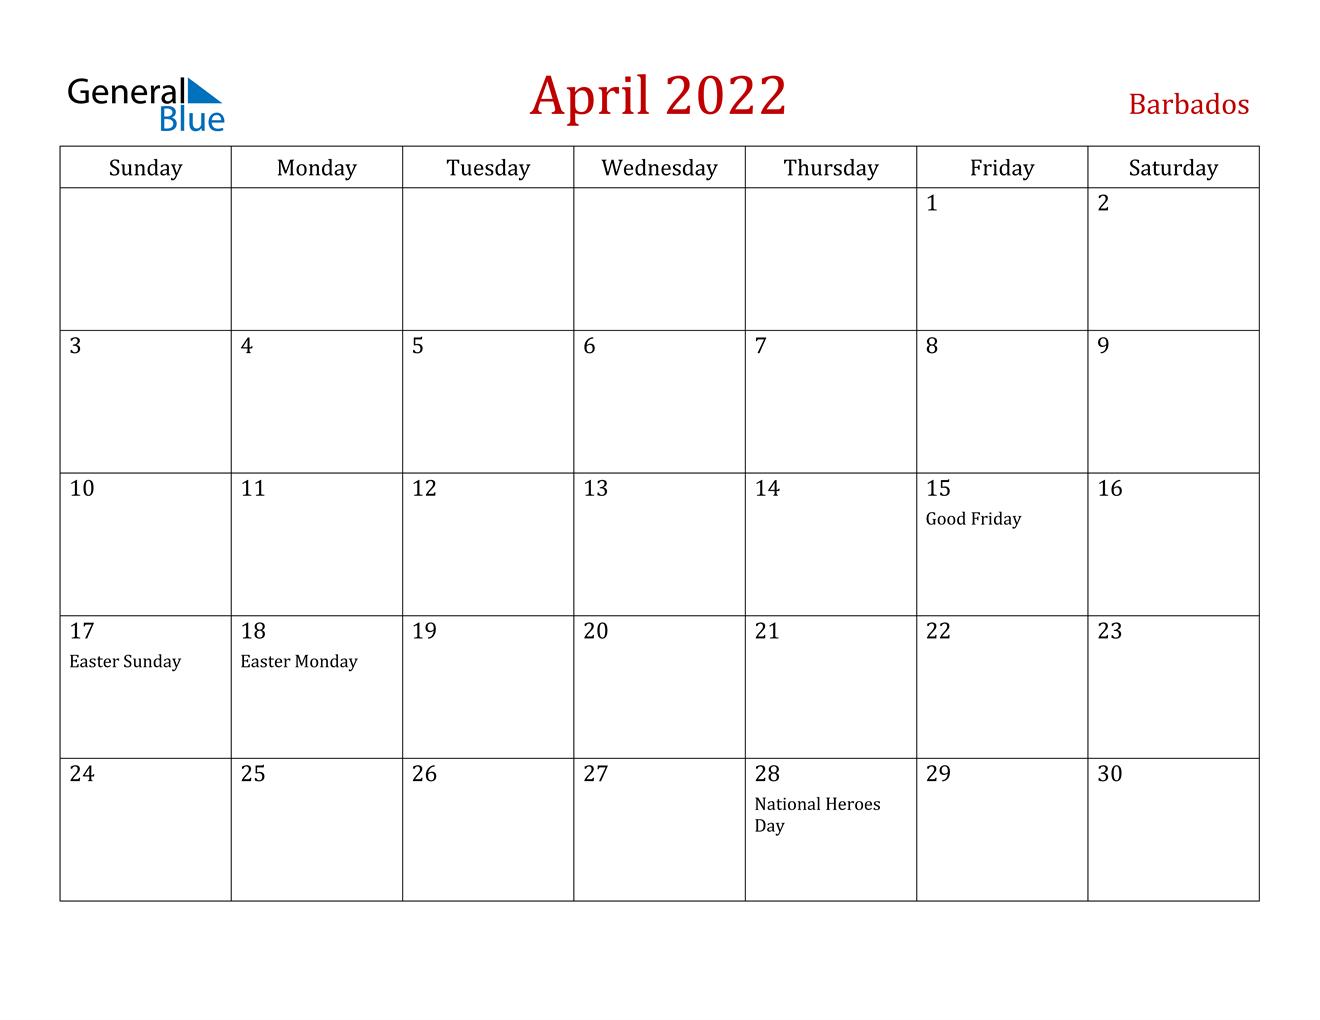 April 2022 Calendar - Barbados for Calendar 2022 April Print Now Graphics